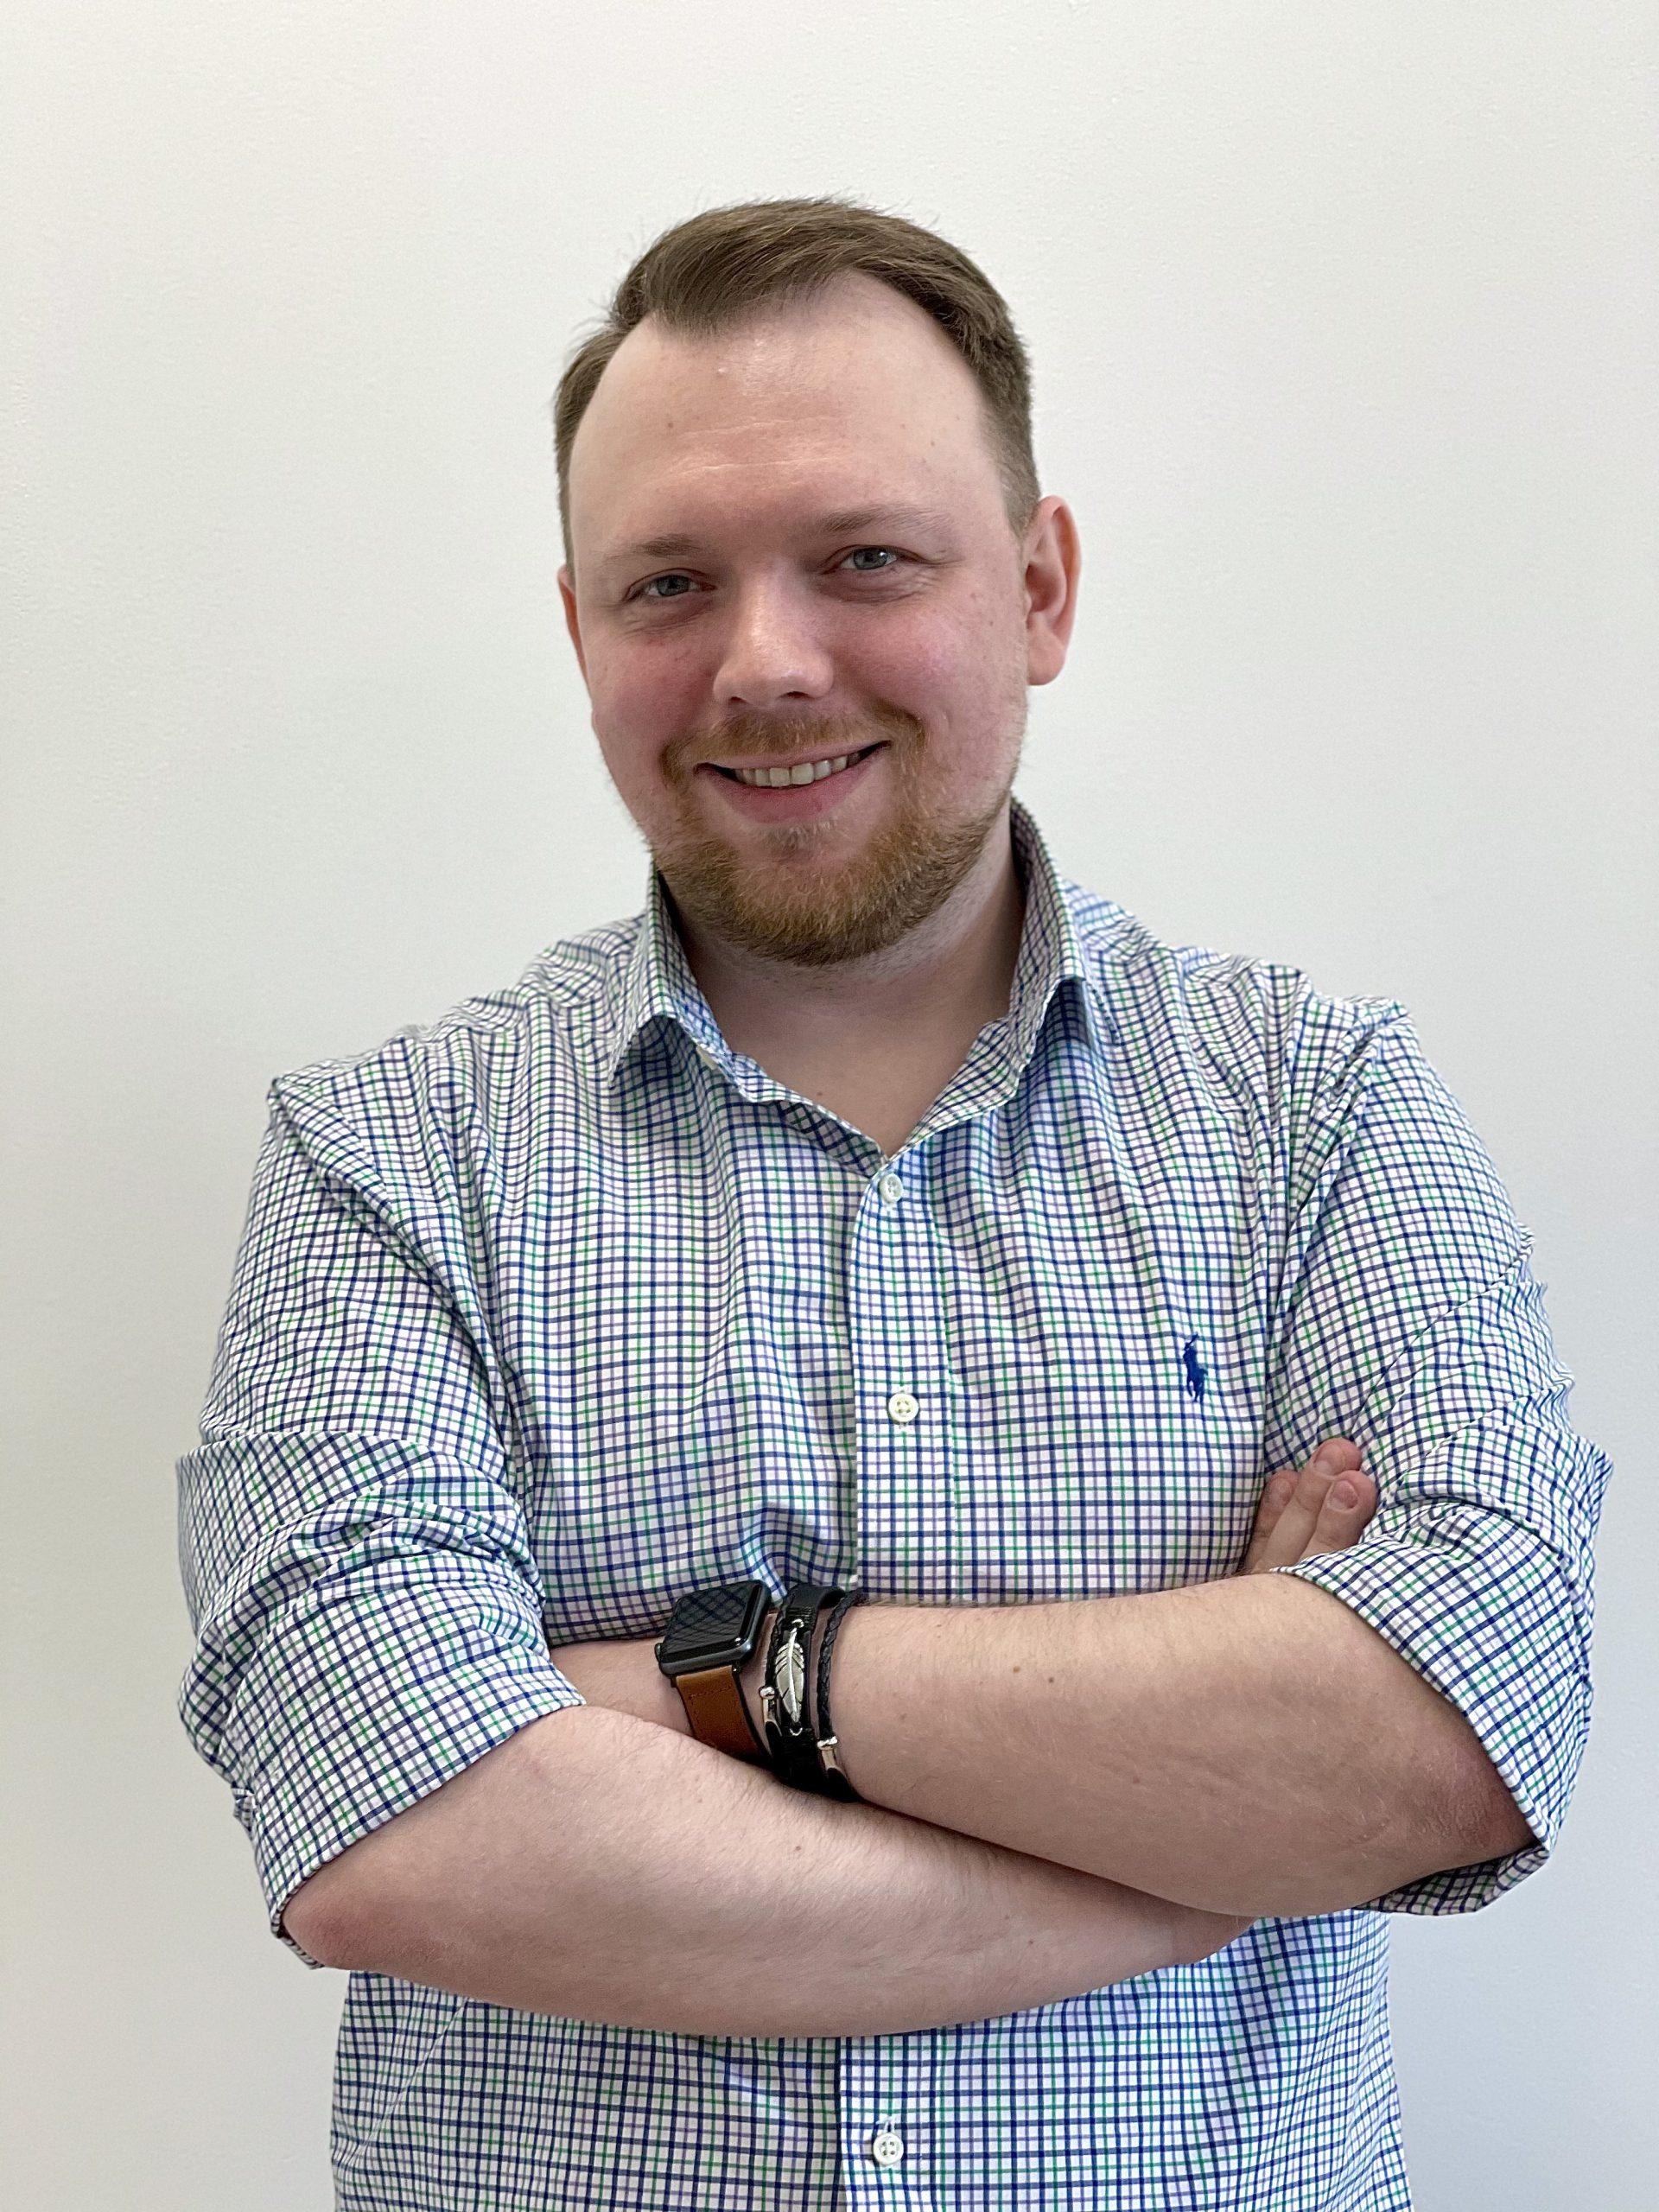 Damian Szymański, prezes spółki Render Cube SA: Zależy nam przede wszystkim na jakości, dlatego chcemy skalować się z głową